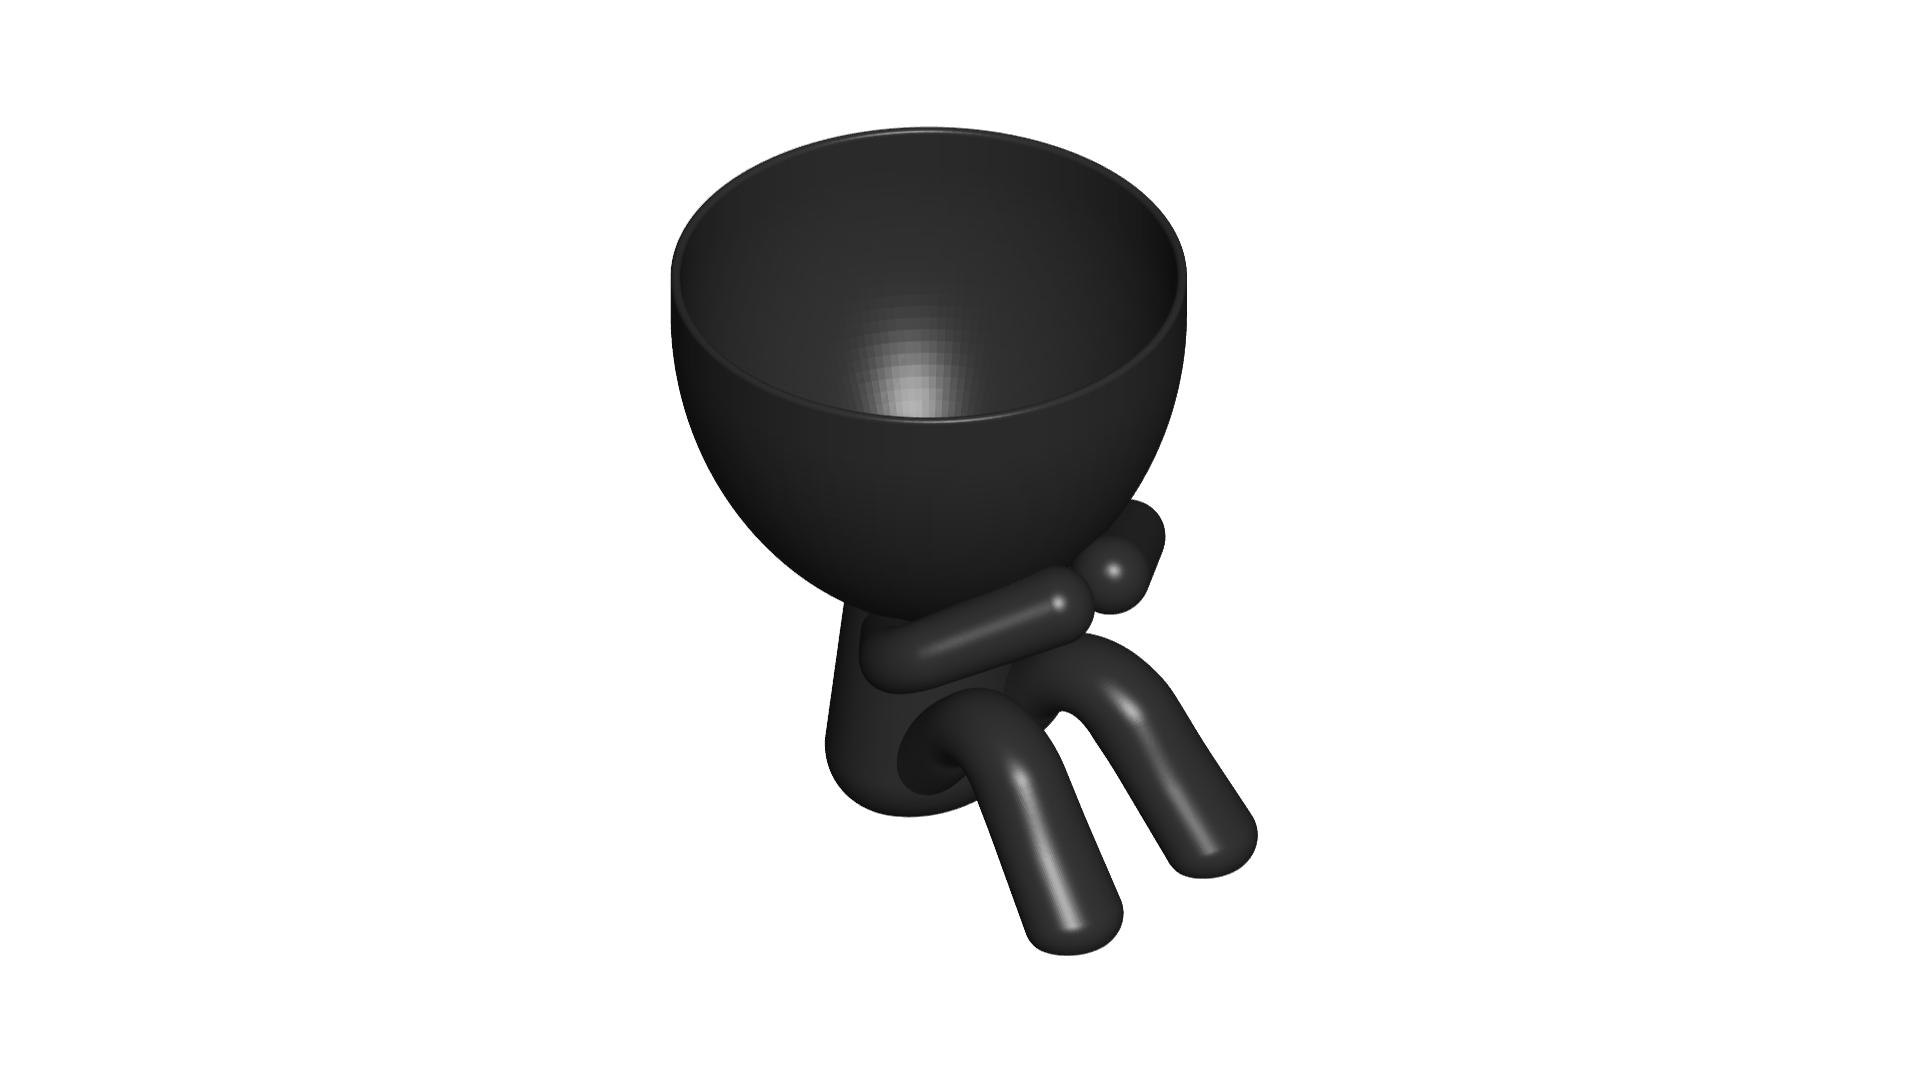 3_negro_2.png Télécharger fichier STL gratuit Les 3 pots verres Robert Sabios Ne lit pas, n'écoute pas, ne voit pas - Les 3 pots verres Robert Sabios Ne lit pas, n'écoute pas, ne voit pas • Objet à imprimer en 3D, CREATIONSISHI